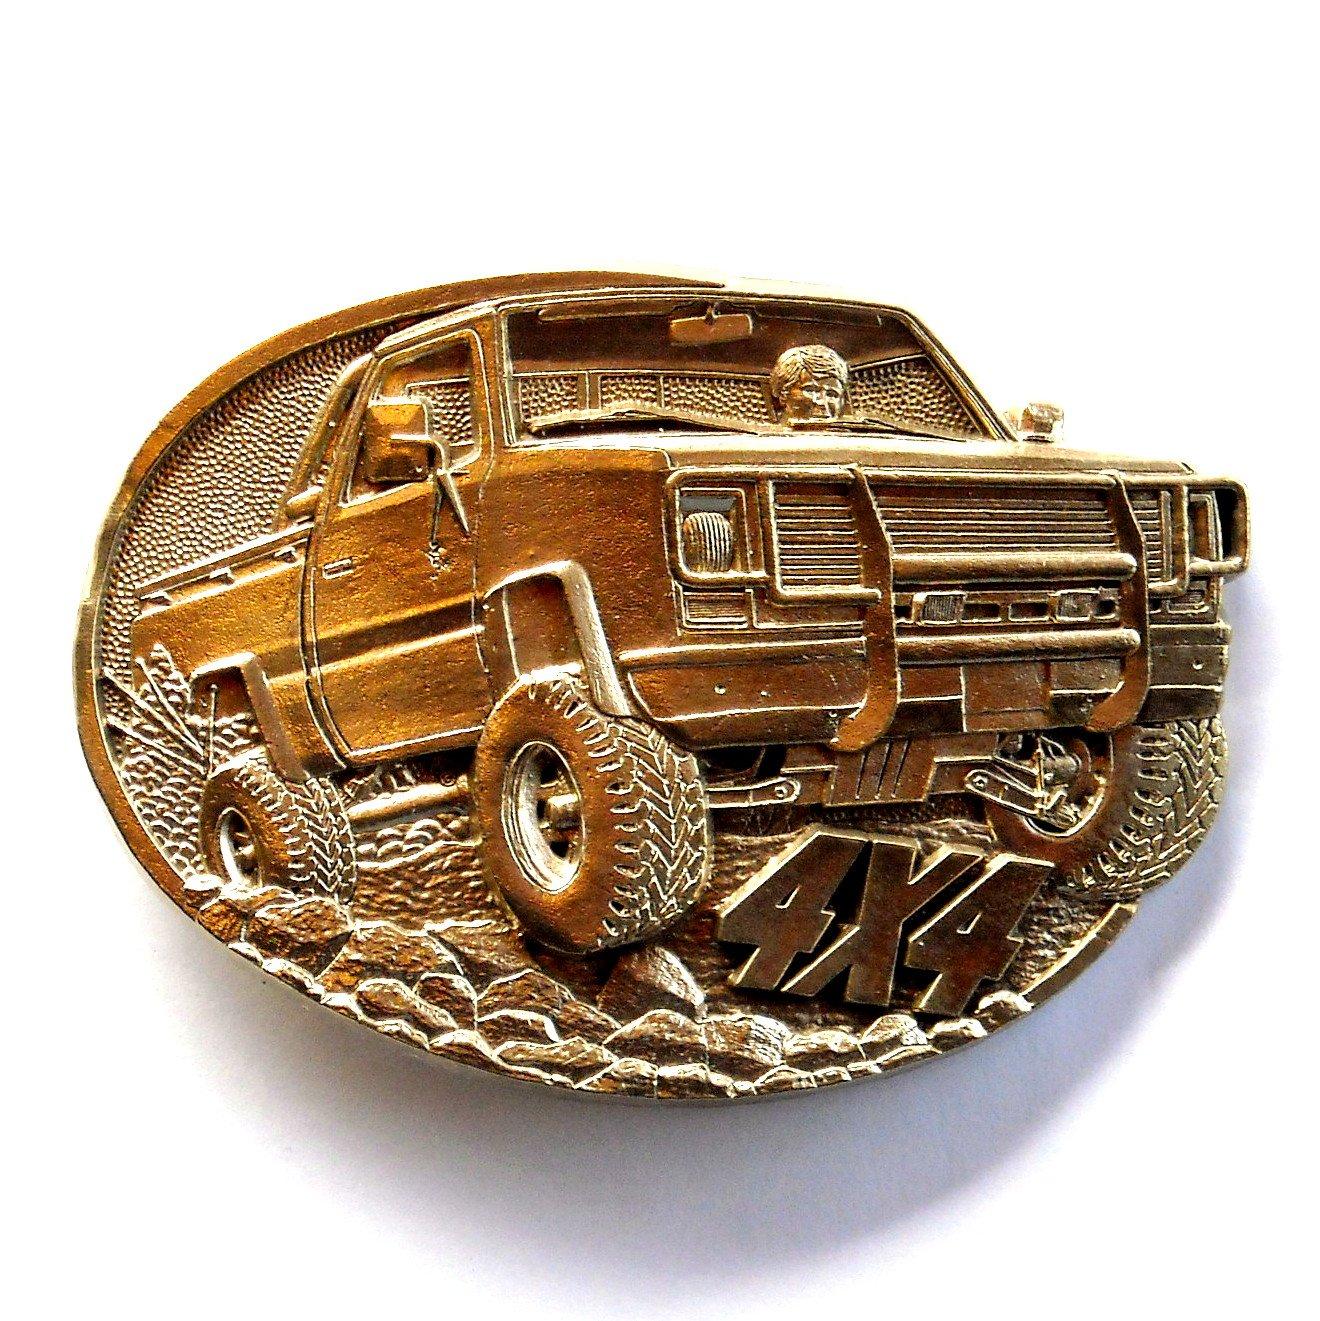 4x4 Off Road PickUp Truck Vintage Award Design Solid Brass Belt Buckle